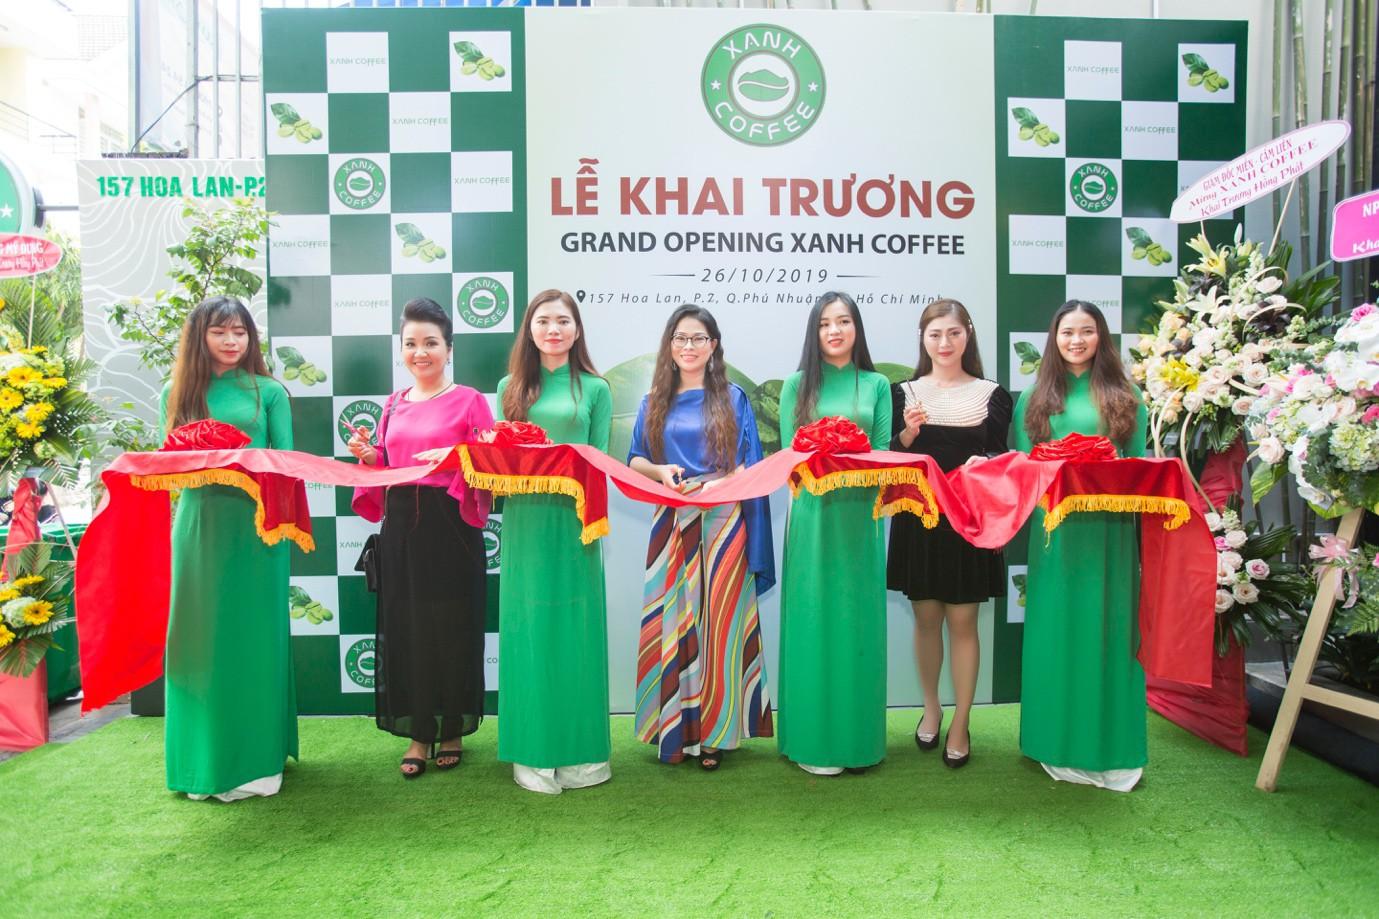 """Xanh Coffee khuấy động ở """"khu phố cà phê"""" Sài Gòn """"hút"""" nhiều nghệ sĩ Việt - Ảnh 8."""